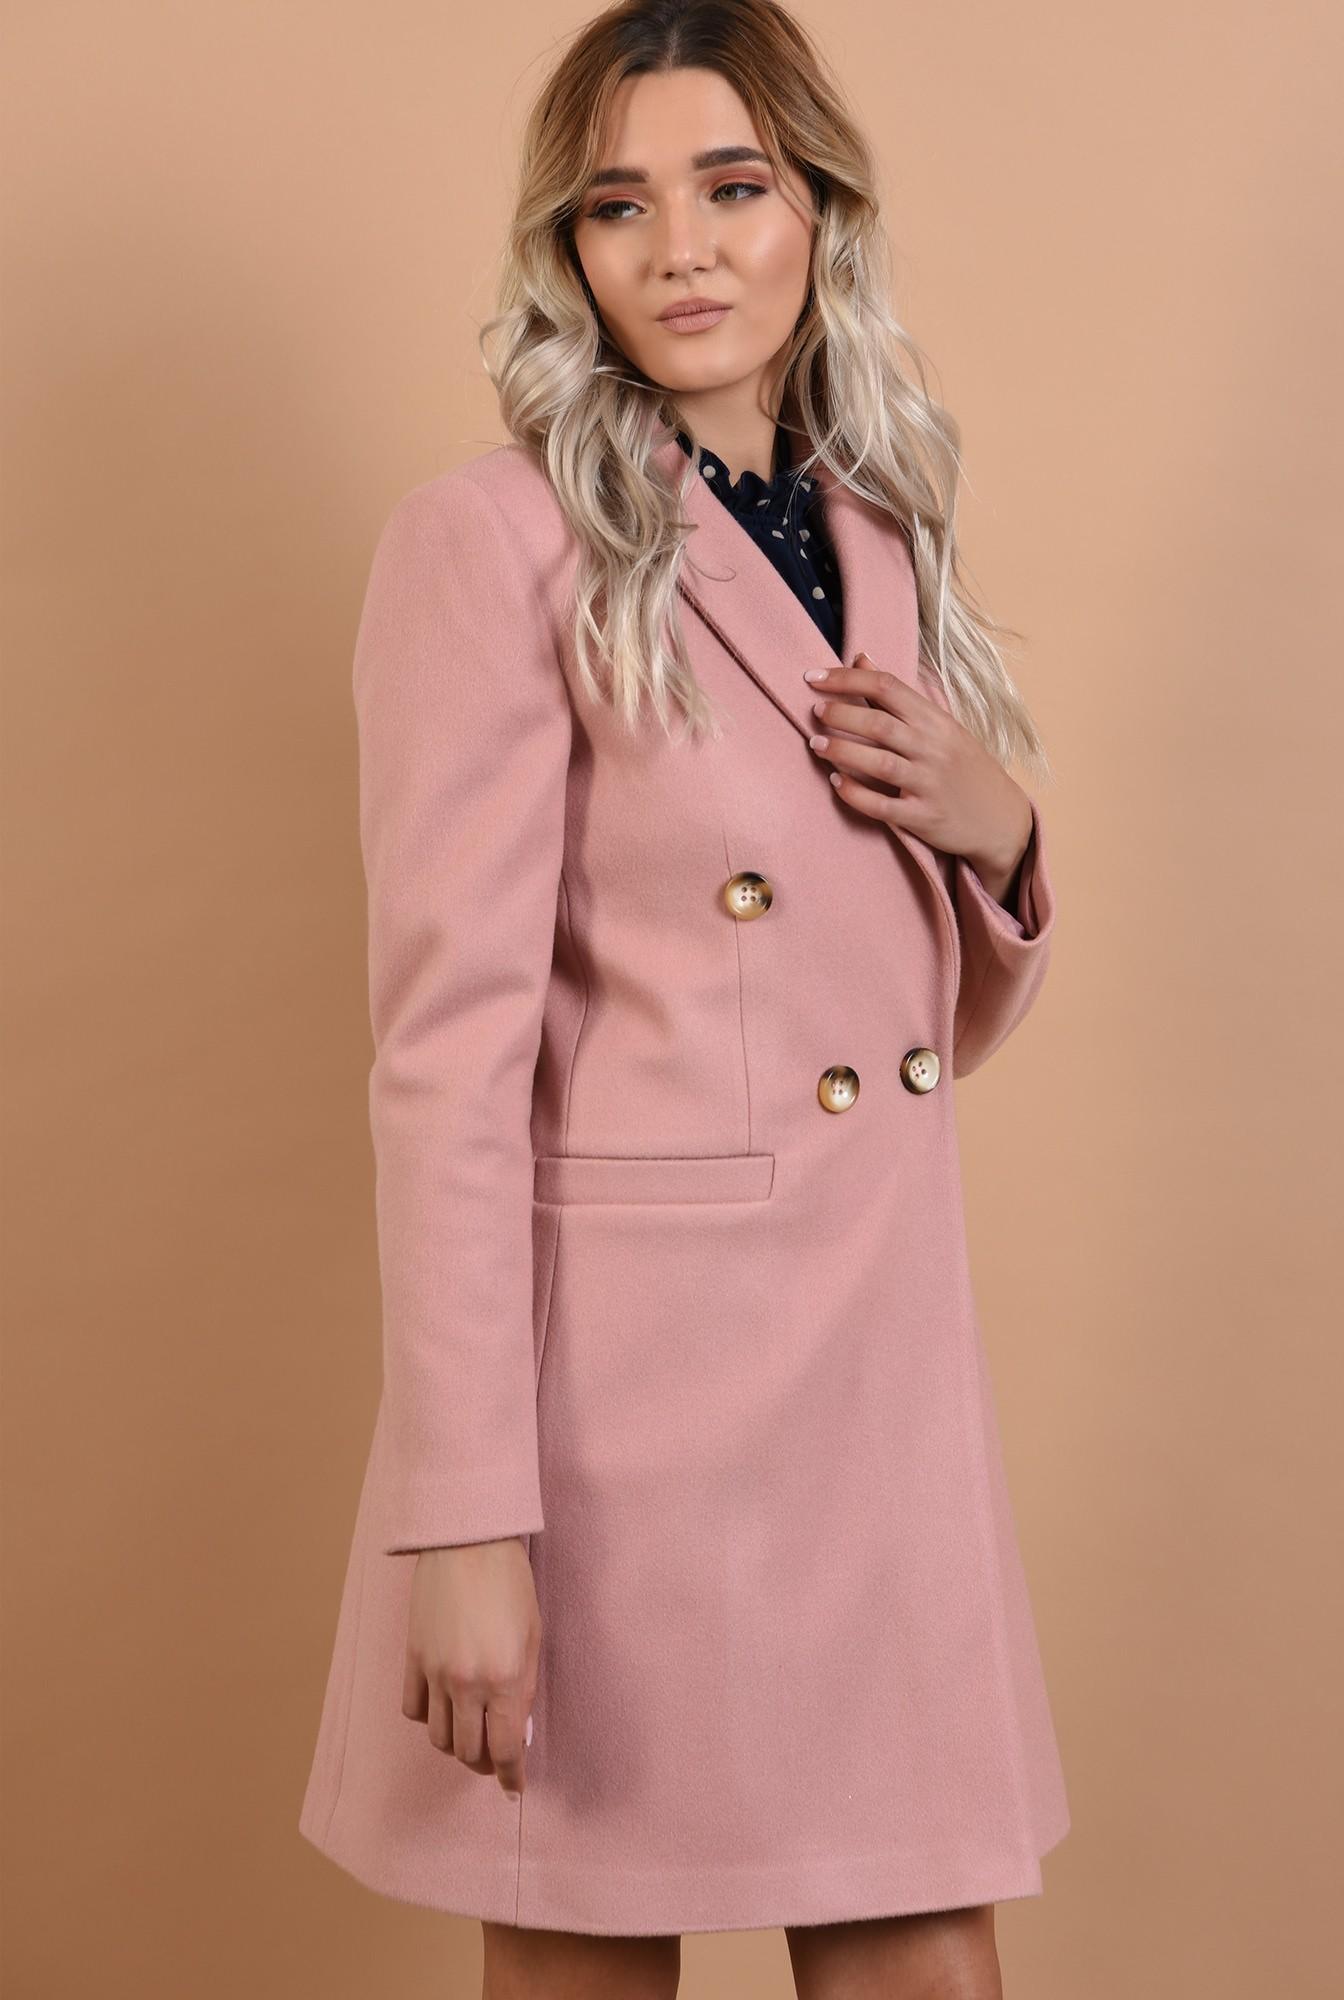 0 - palton roz, cu nasturi decorativi, revere crestate, Poema